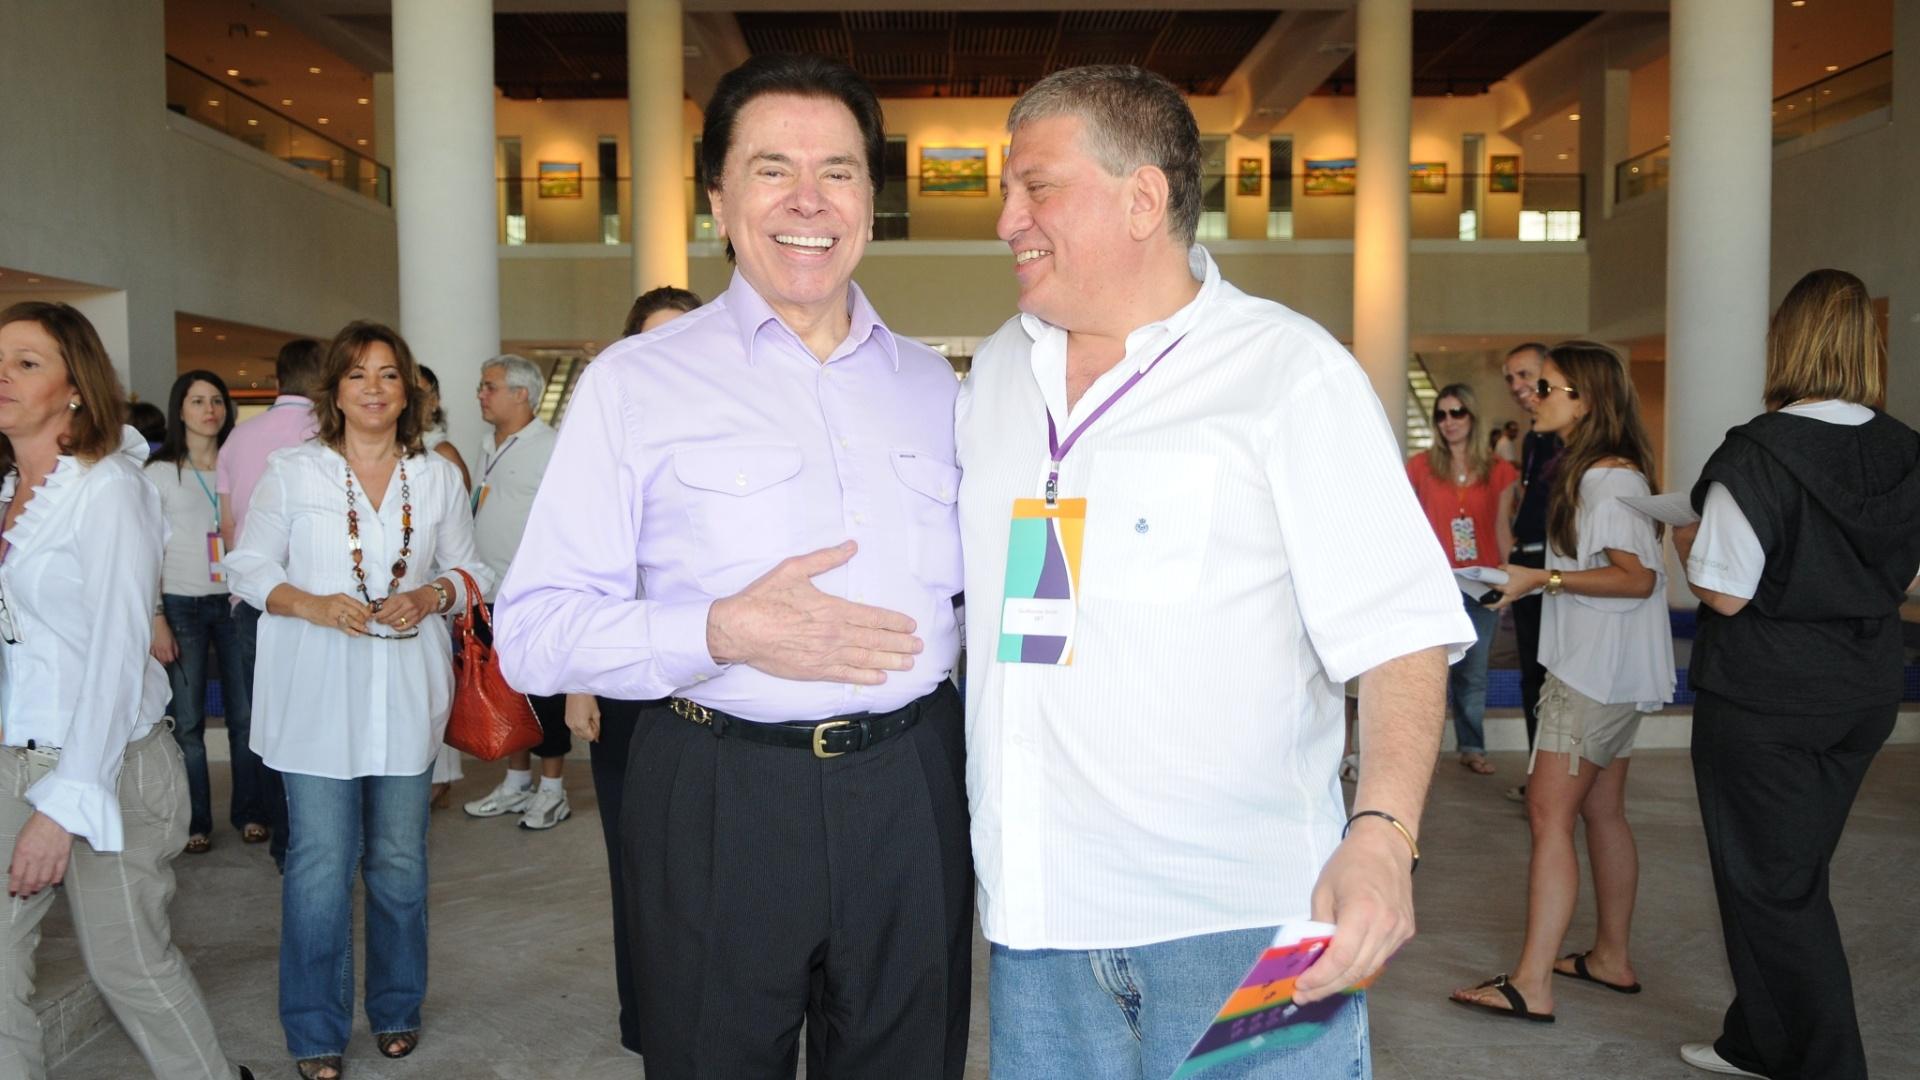 2010 - O empresário e apresentador Silvio Santos (à esq.) abraça seu sobrinho Guilherme Stoliar